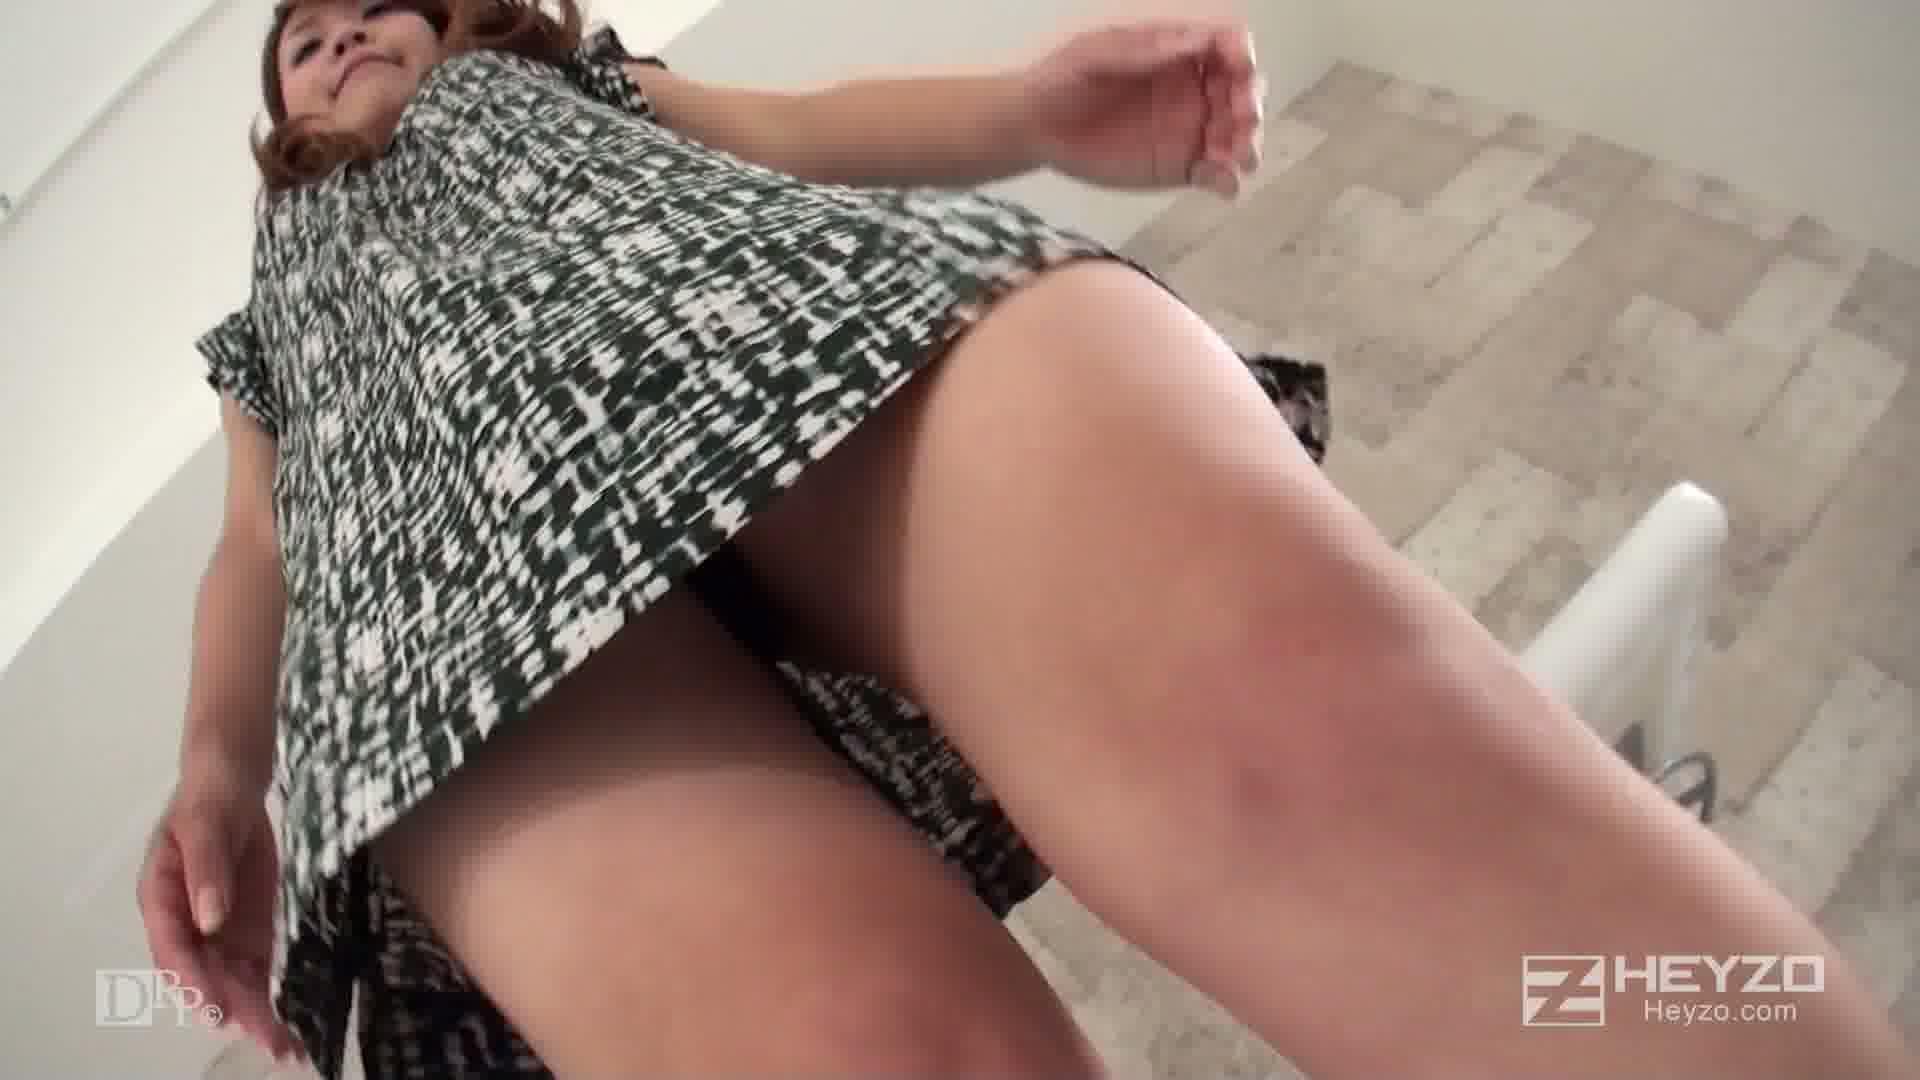 ピュアな素人娘が騙された怪しすぎる撮影会 - ひろみ【インタビュー 撮影 脱衣】